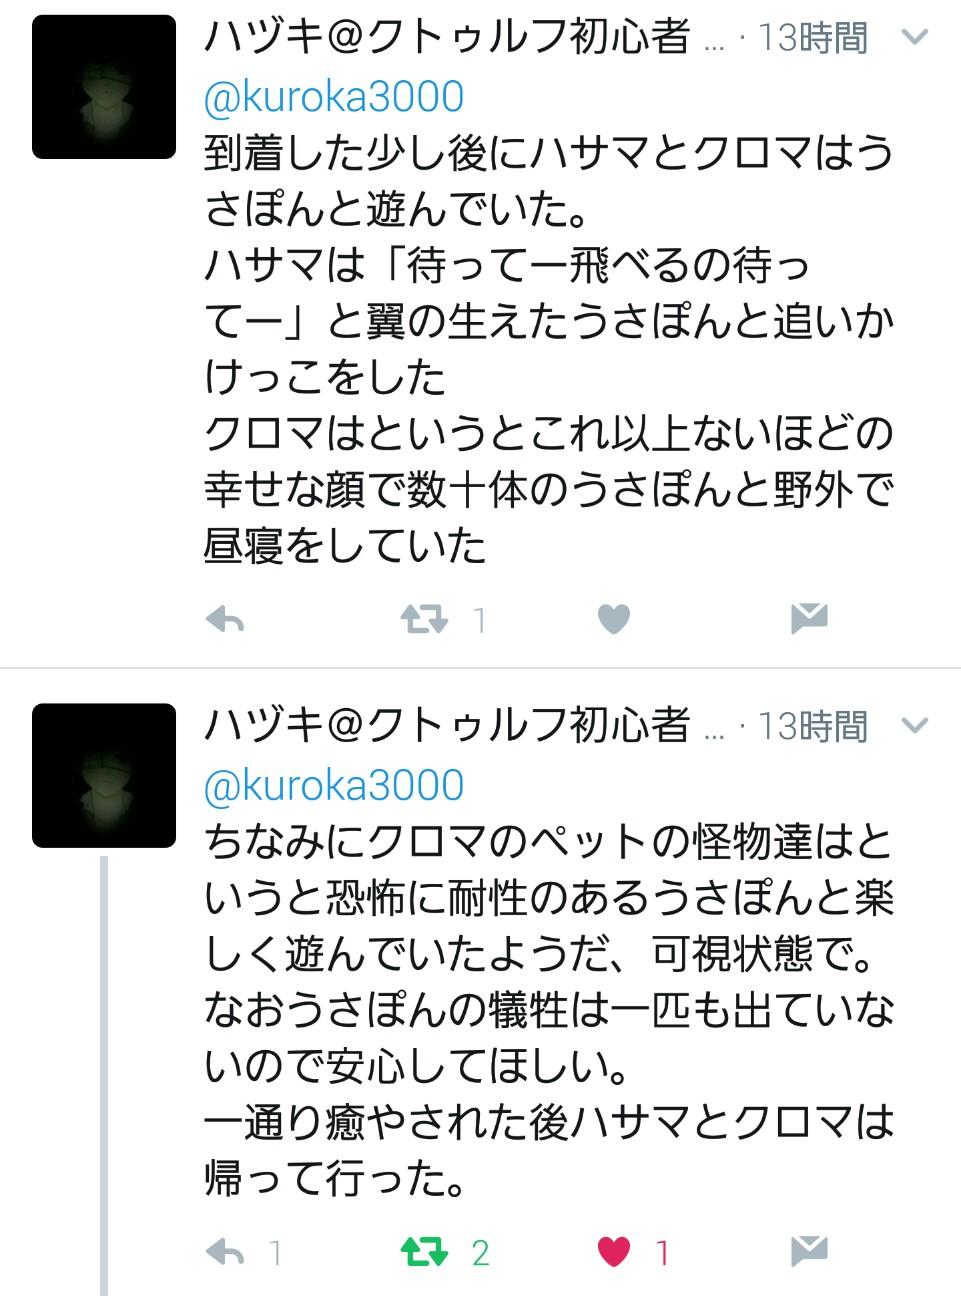 f:id:nagatakatsuki:20170217064239j:image